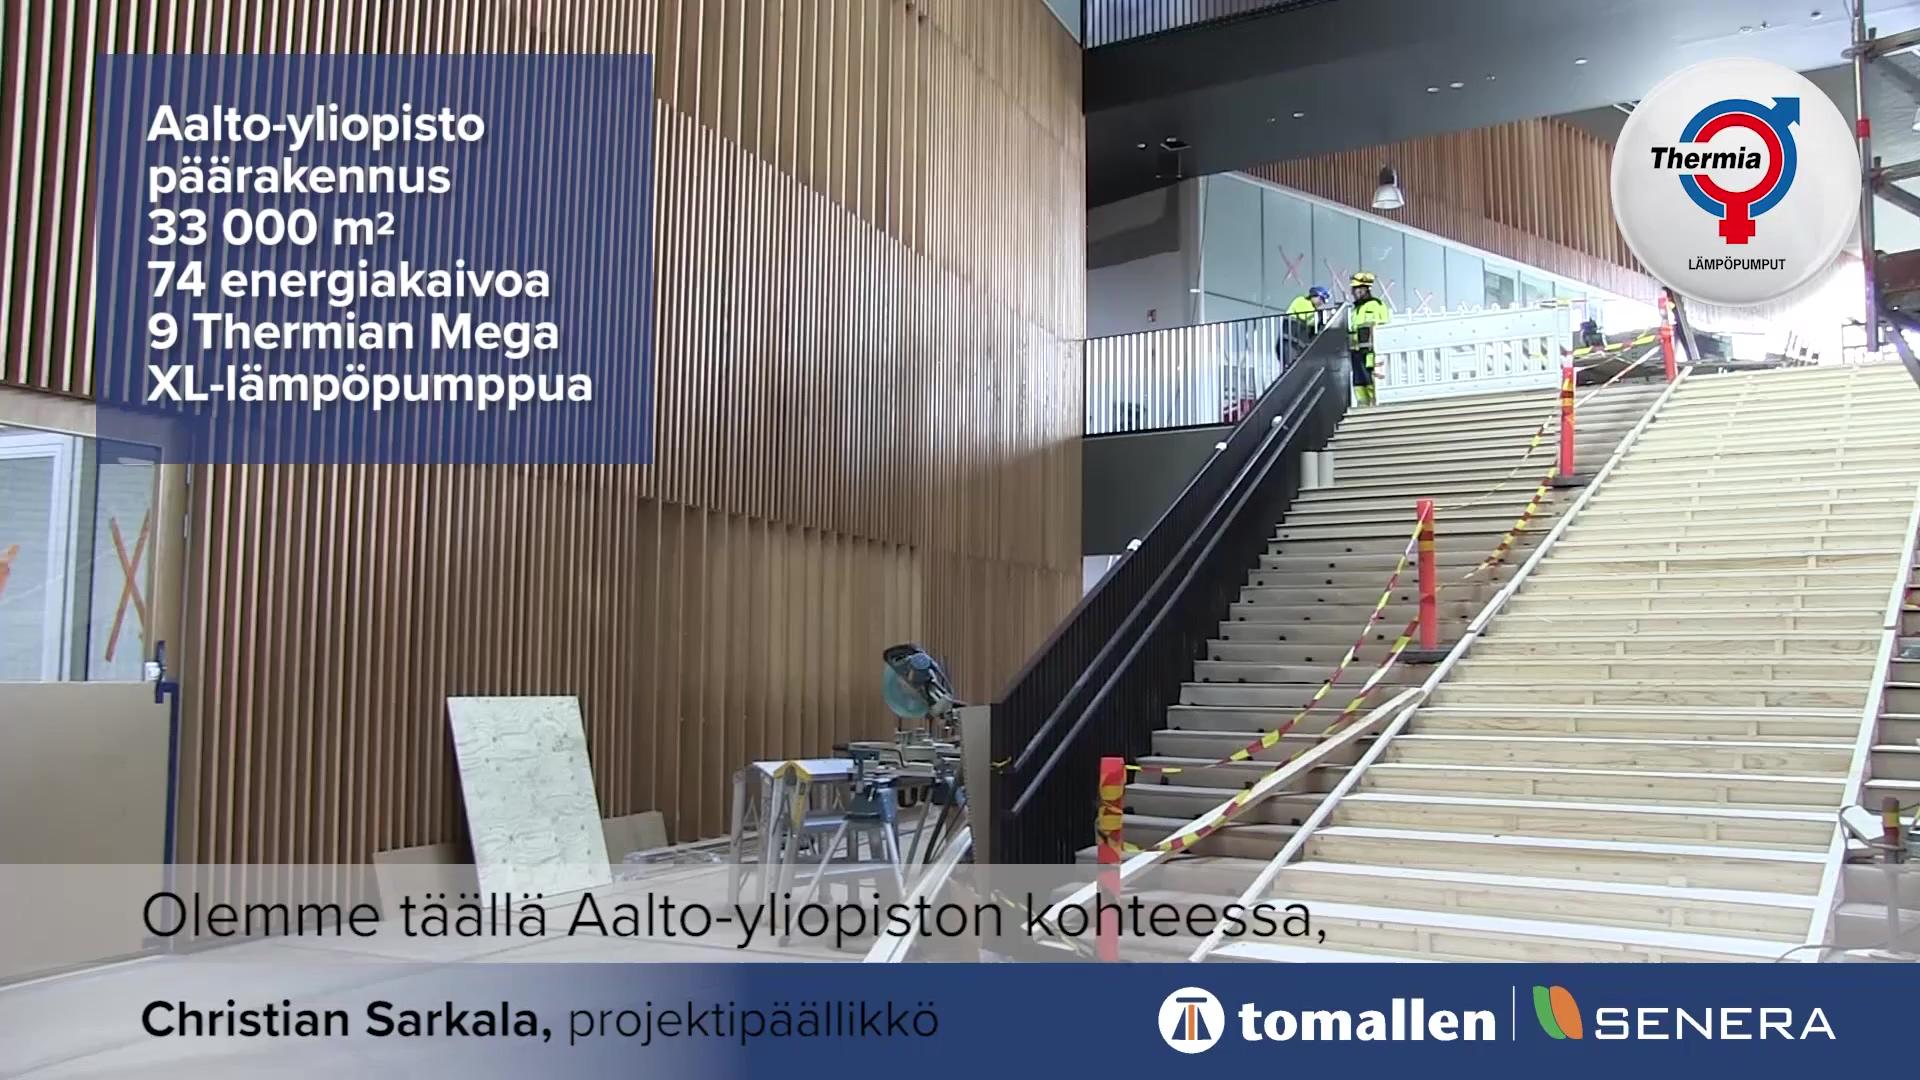 Aalto-yliopiston päärakennuksen maalämpöurakka